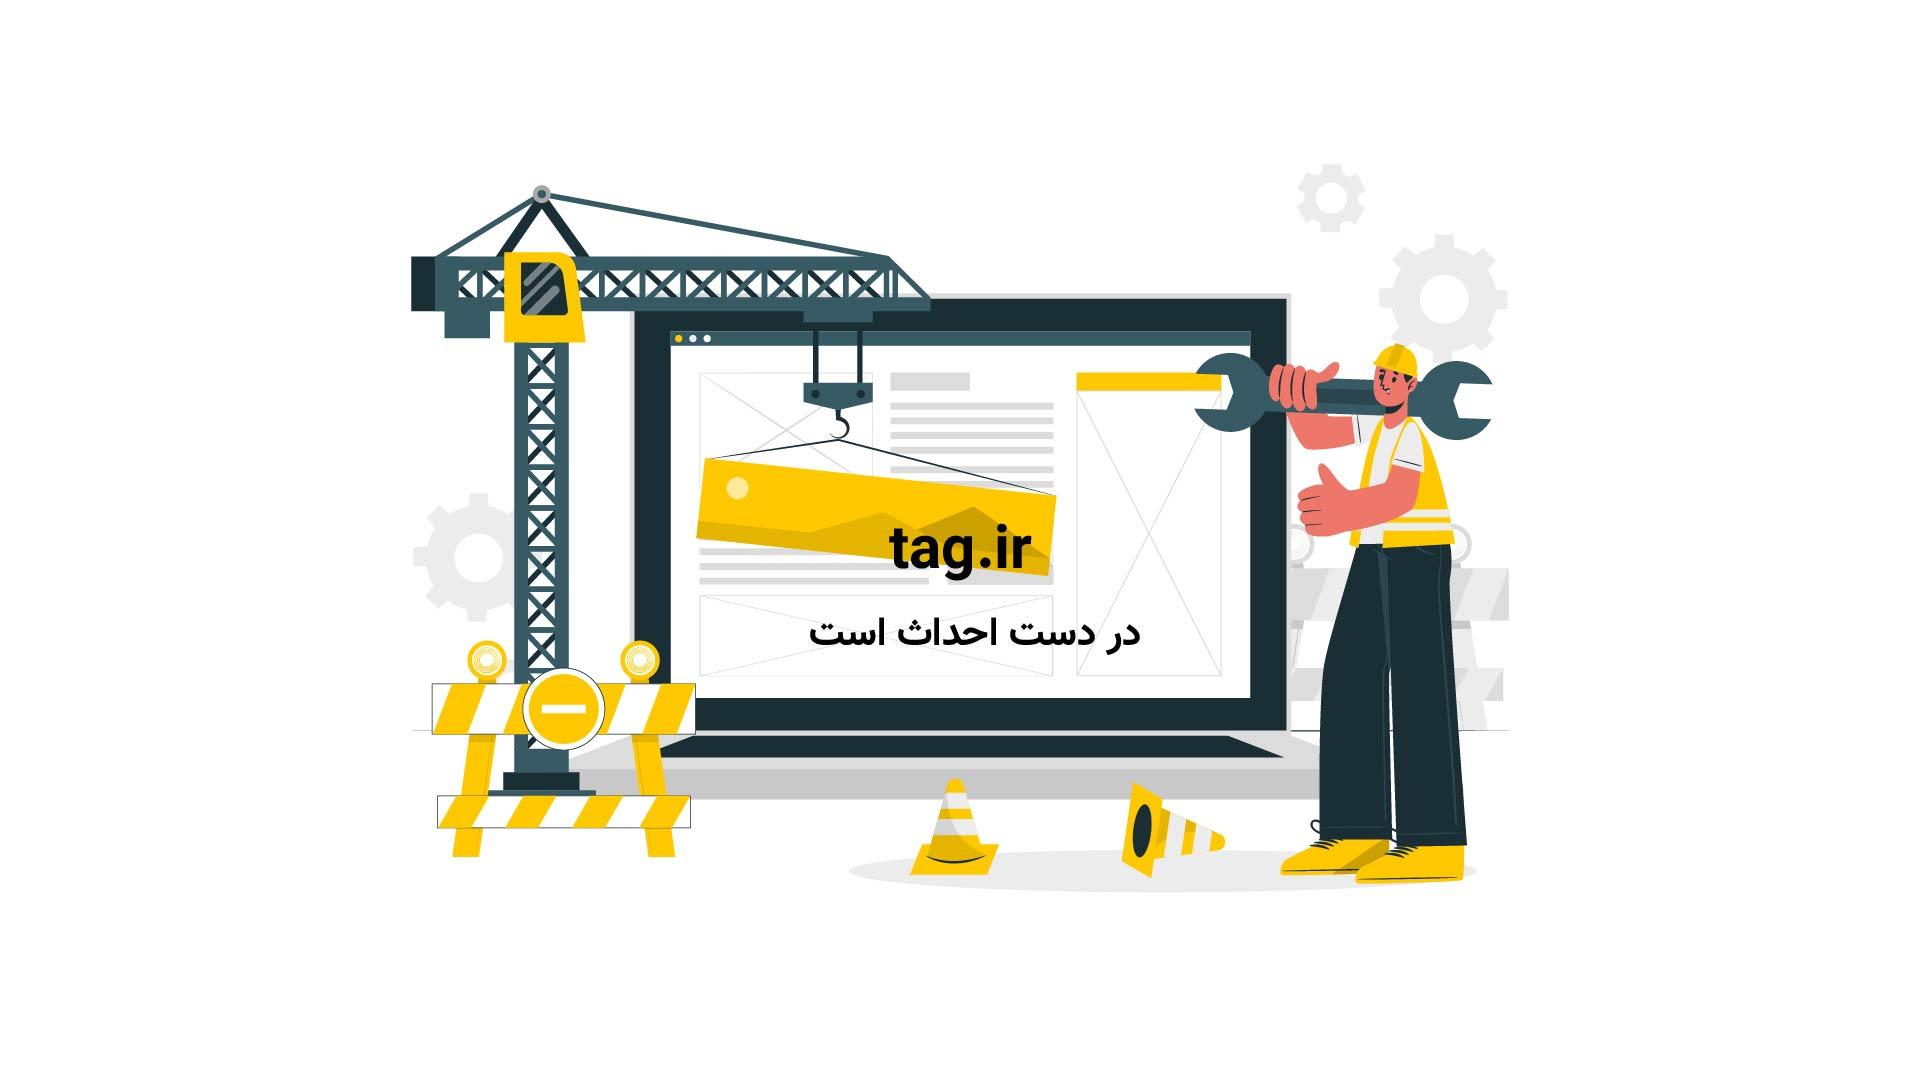 بازی والیبال موبایل | تگ